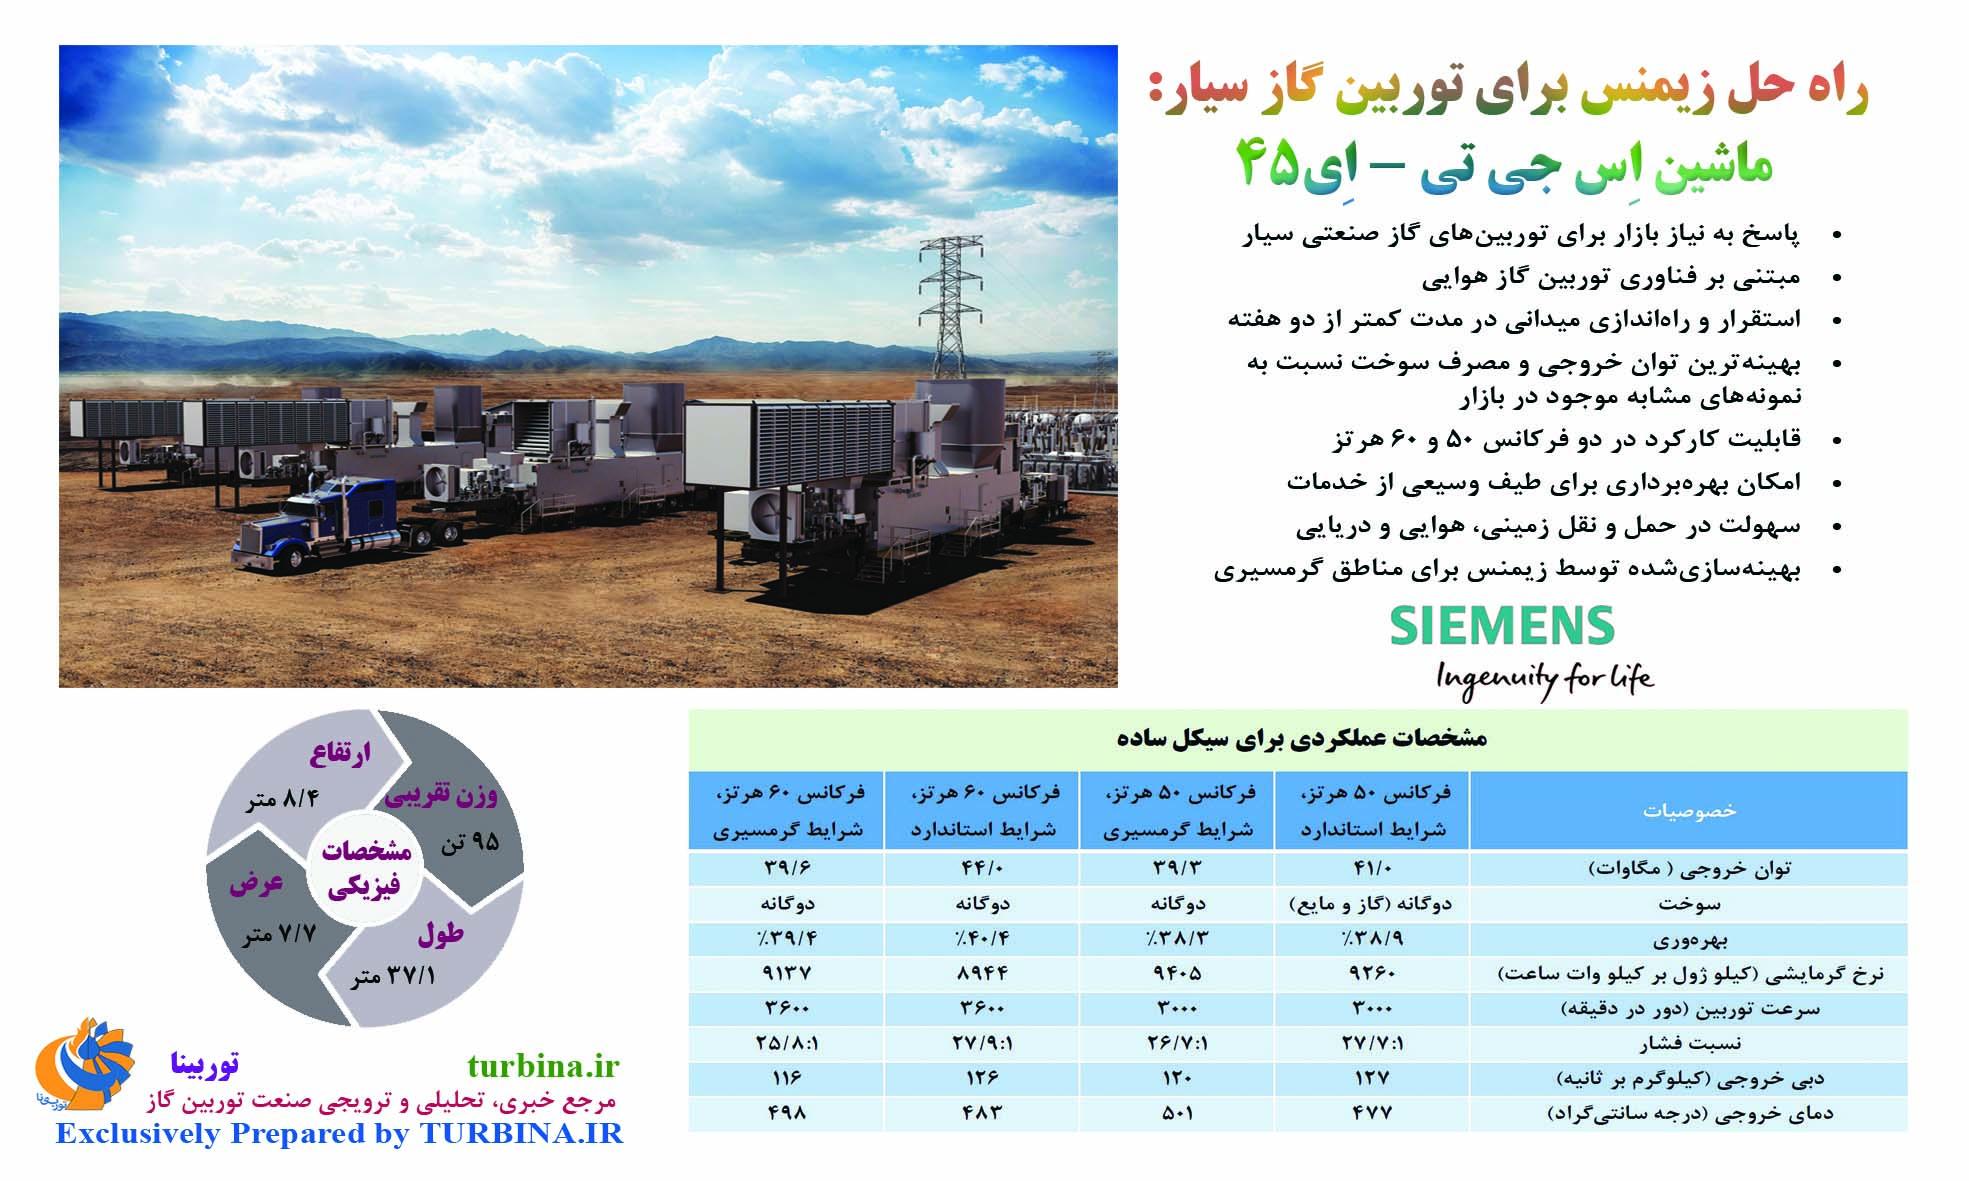 راهحل زیمنس برای توربین گاز سیار: ماشین اسجیتی– ای45